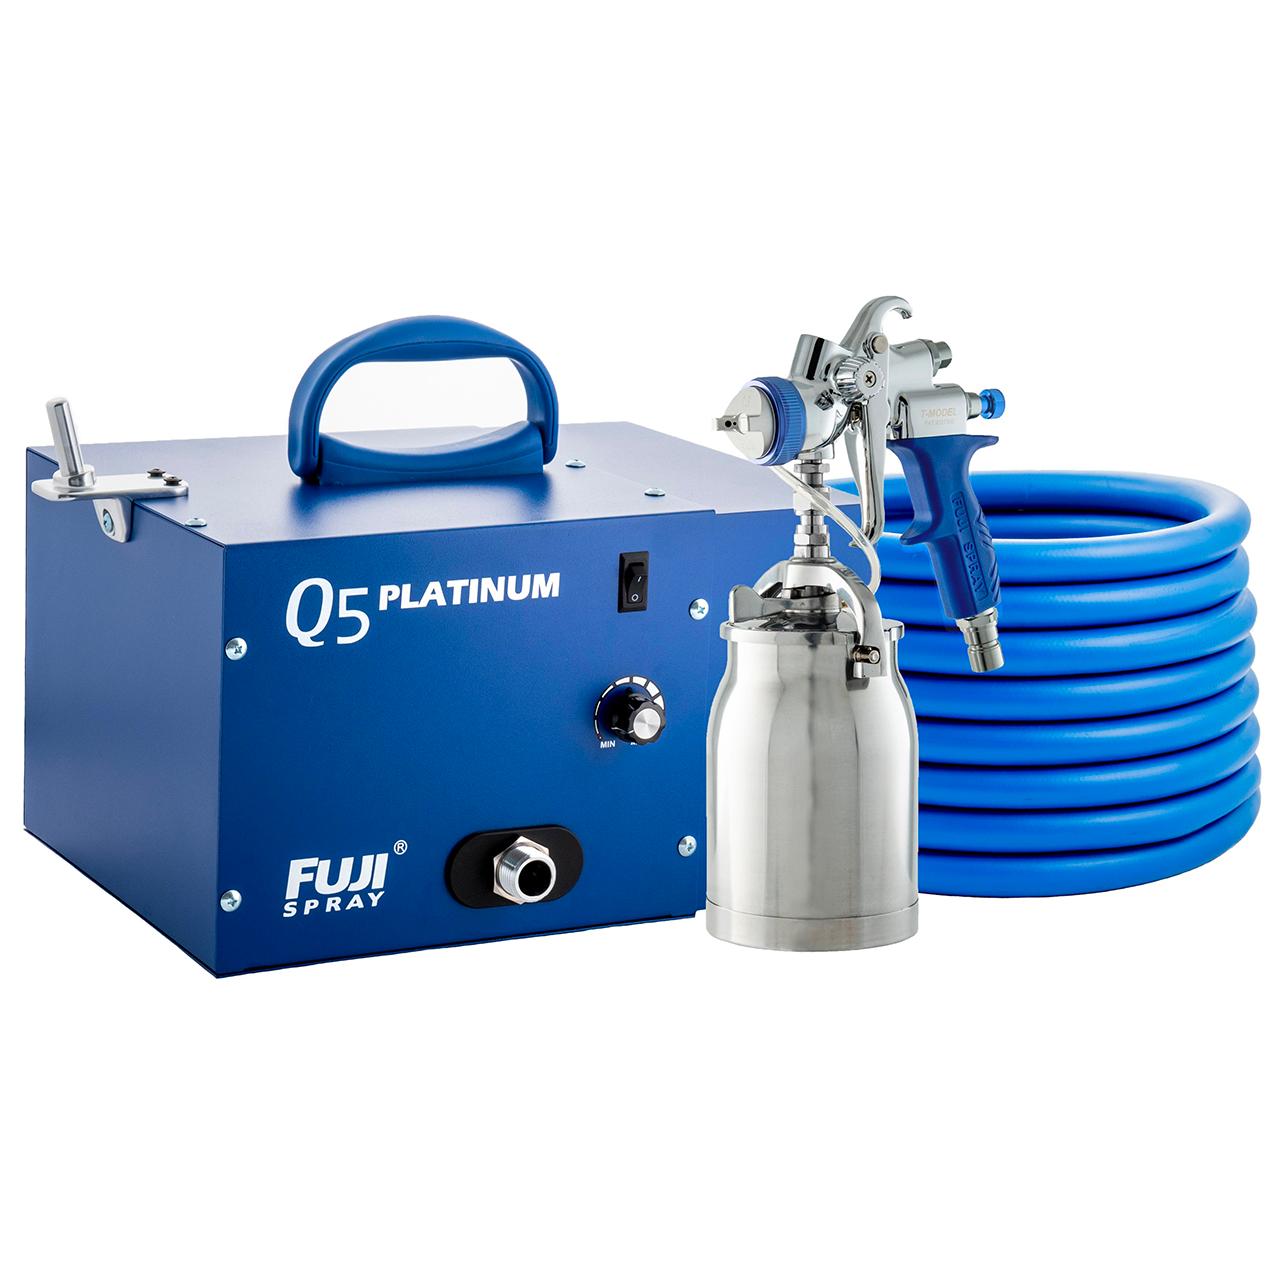 Fuji Q5 Platinum HVLP System T70